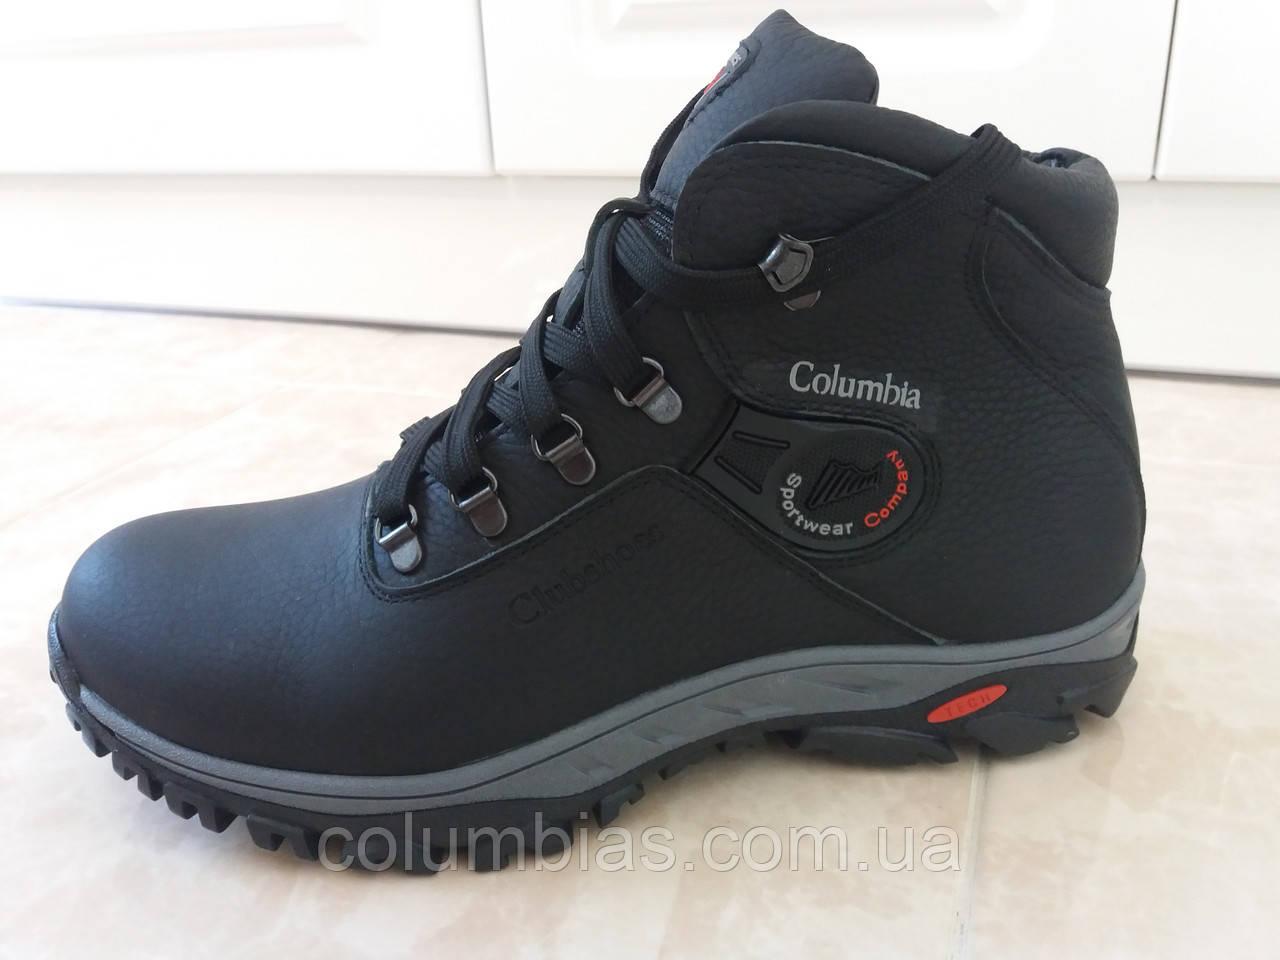 84fc3723 Мужская зимняя обувь коламбия - Весь ассортимент в наличии, звоните в любое  время т.